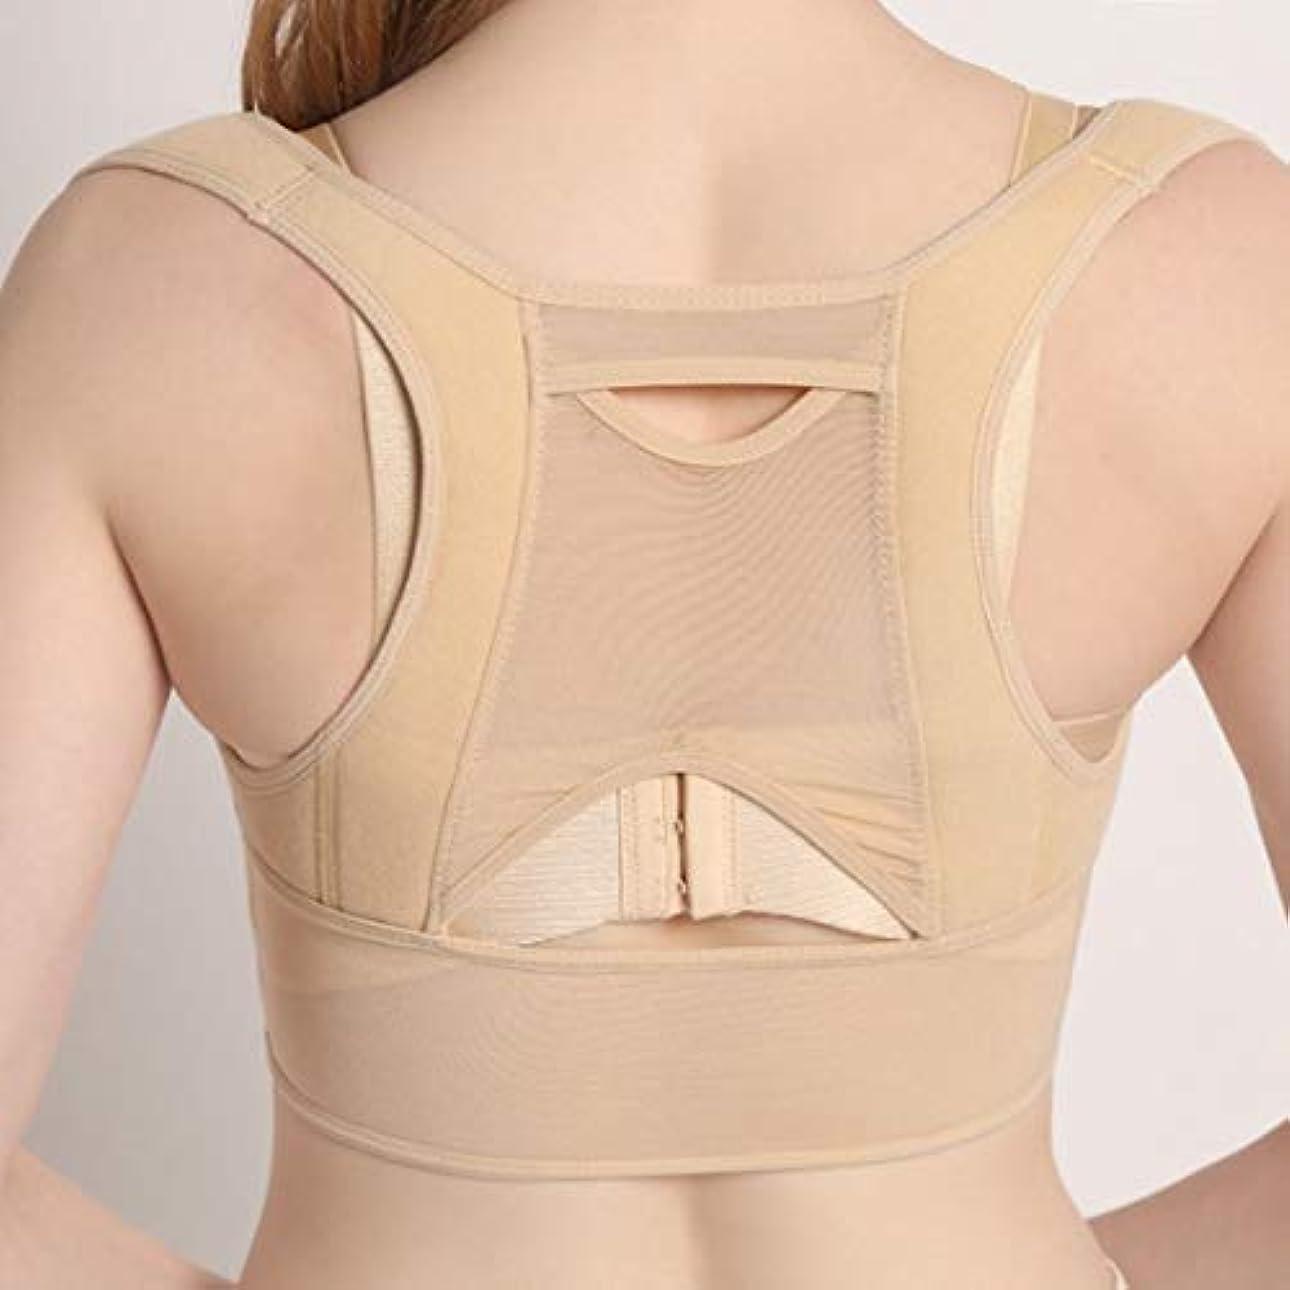 同種のサーキットに行く分離する通気性のある女性の背中の姿勢矯正コルセット整形外科の肩の背骨の背骨の姿勢矯正腰椎サポート (Rustle666)